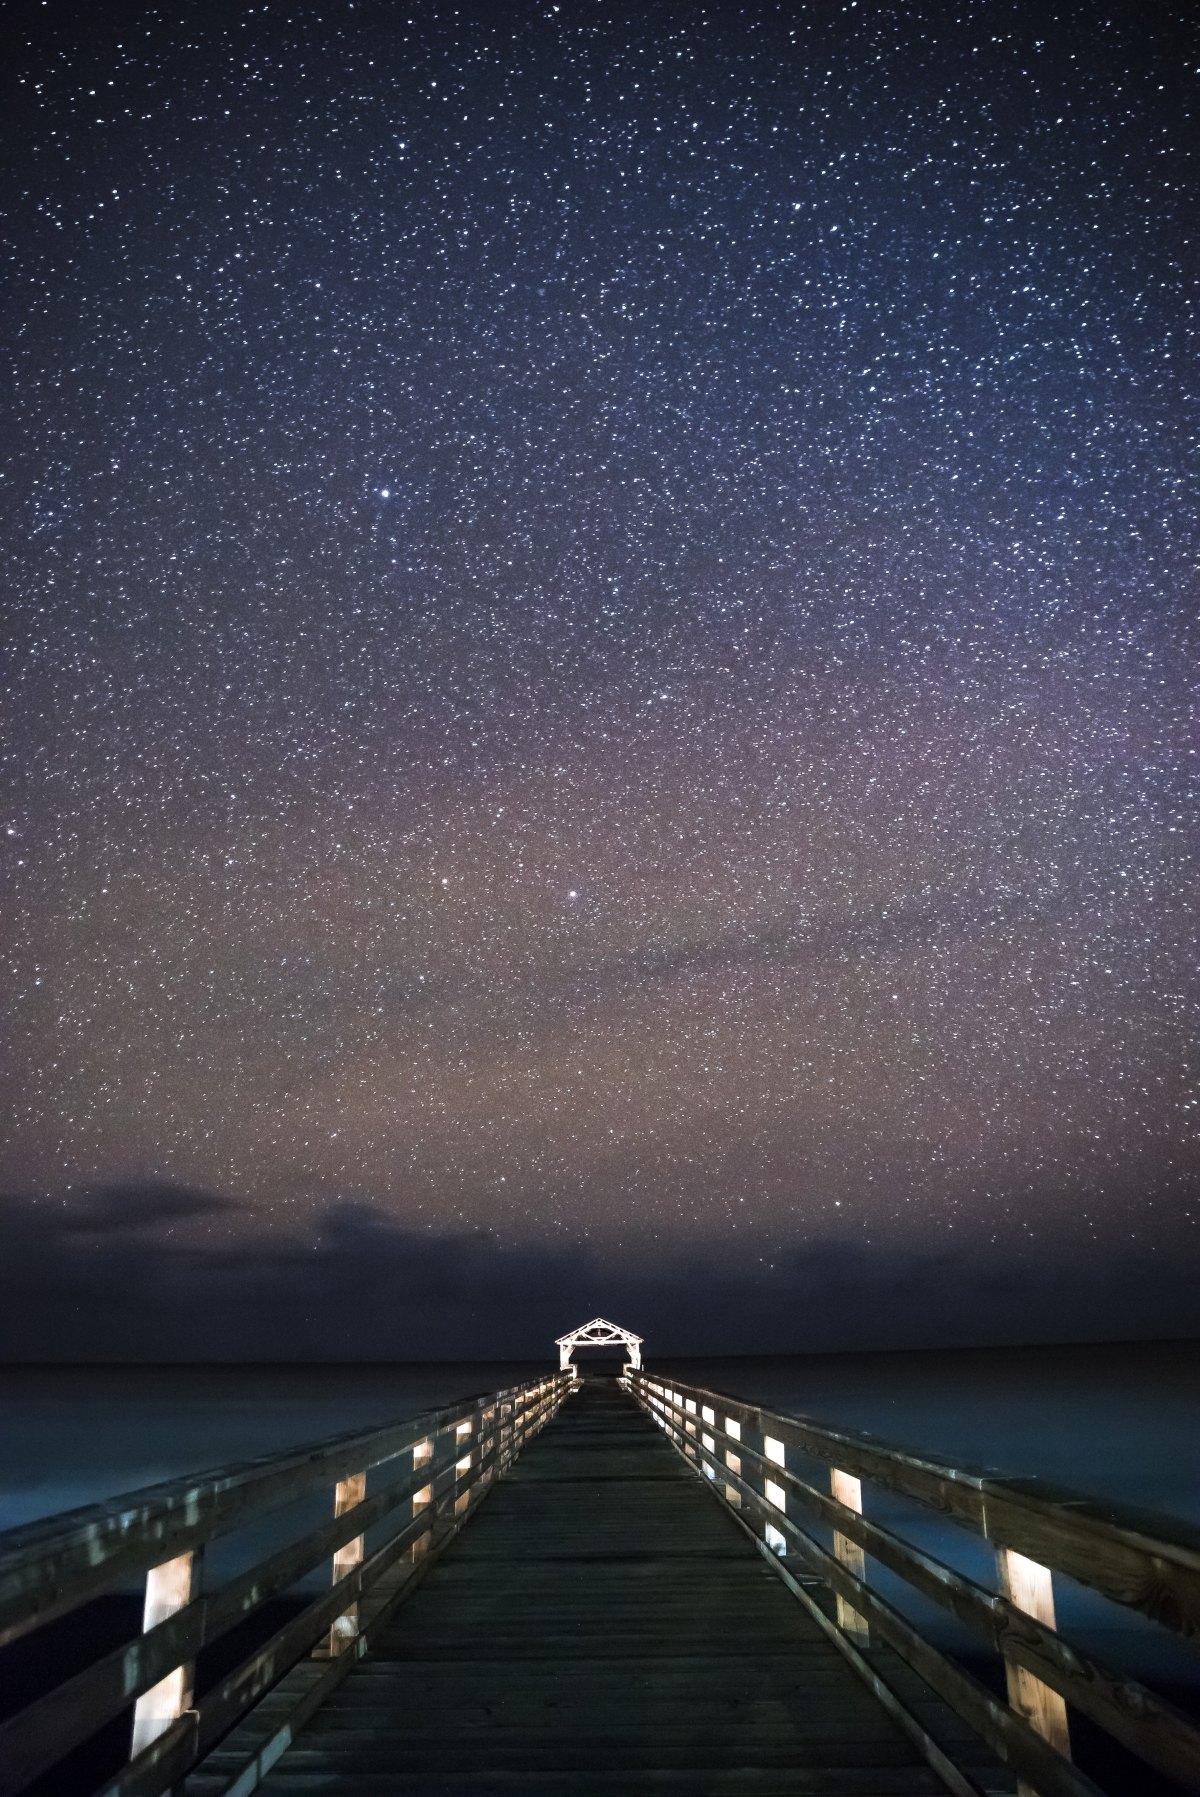 Starry Sky overPier